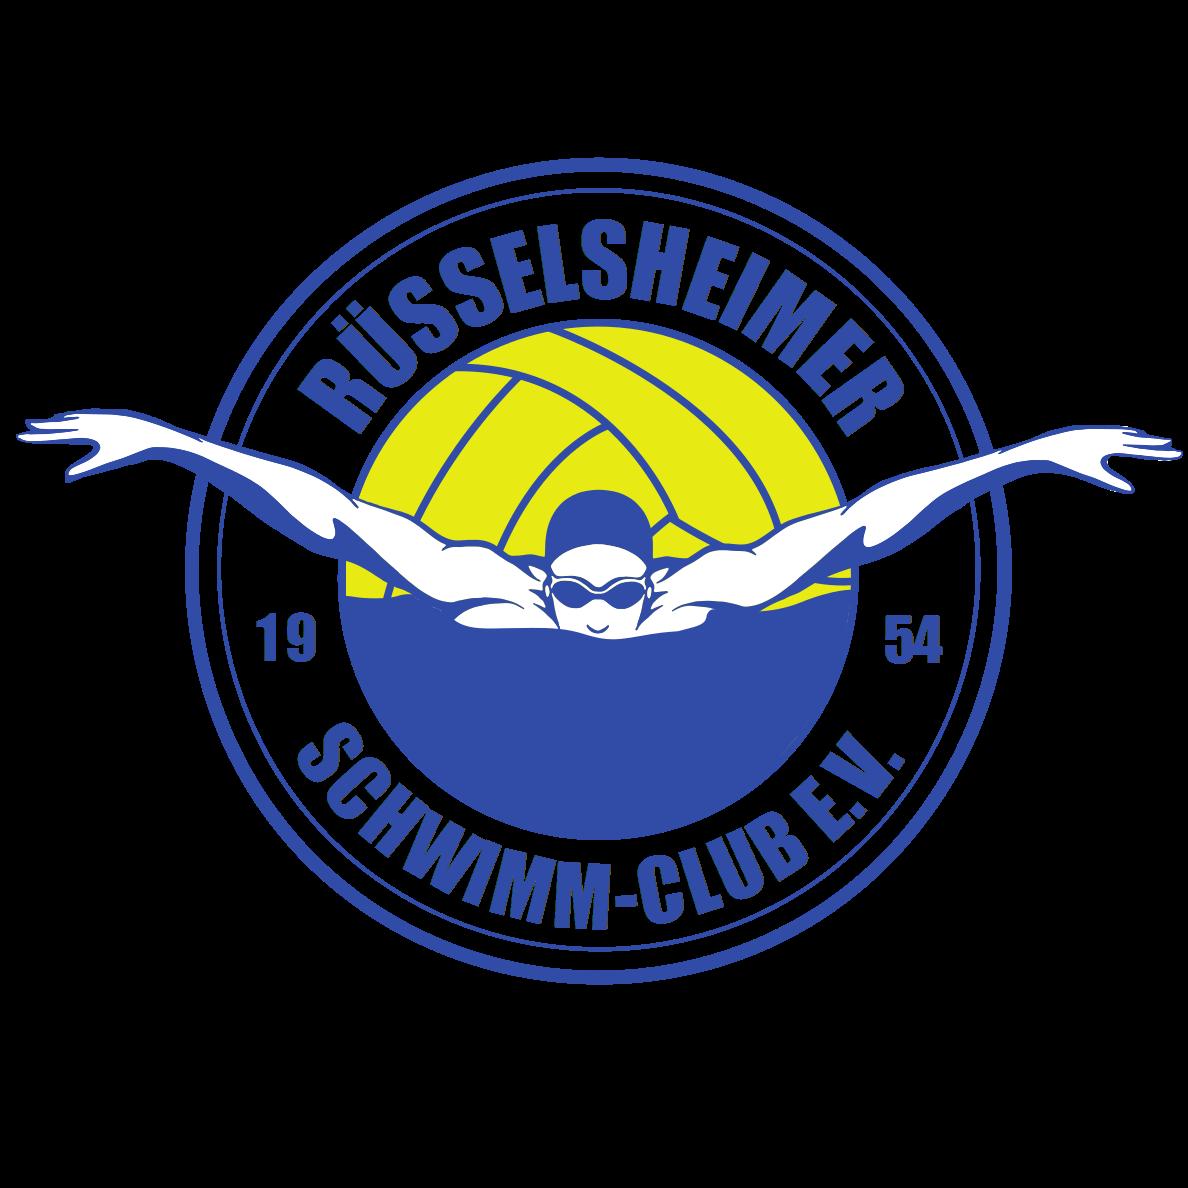 Rüsselsheimer Schwimm-Clubs 1954 e.V.